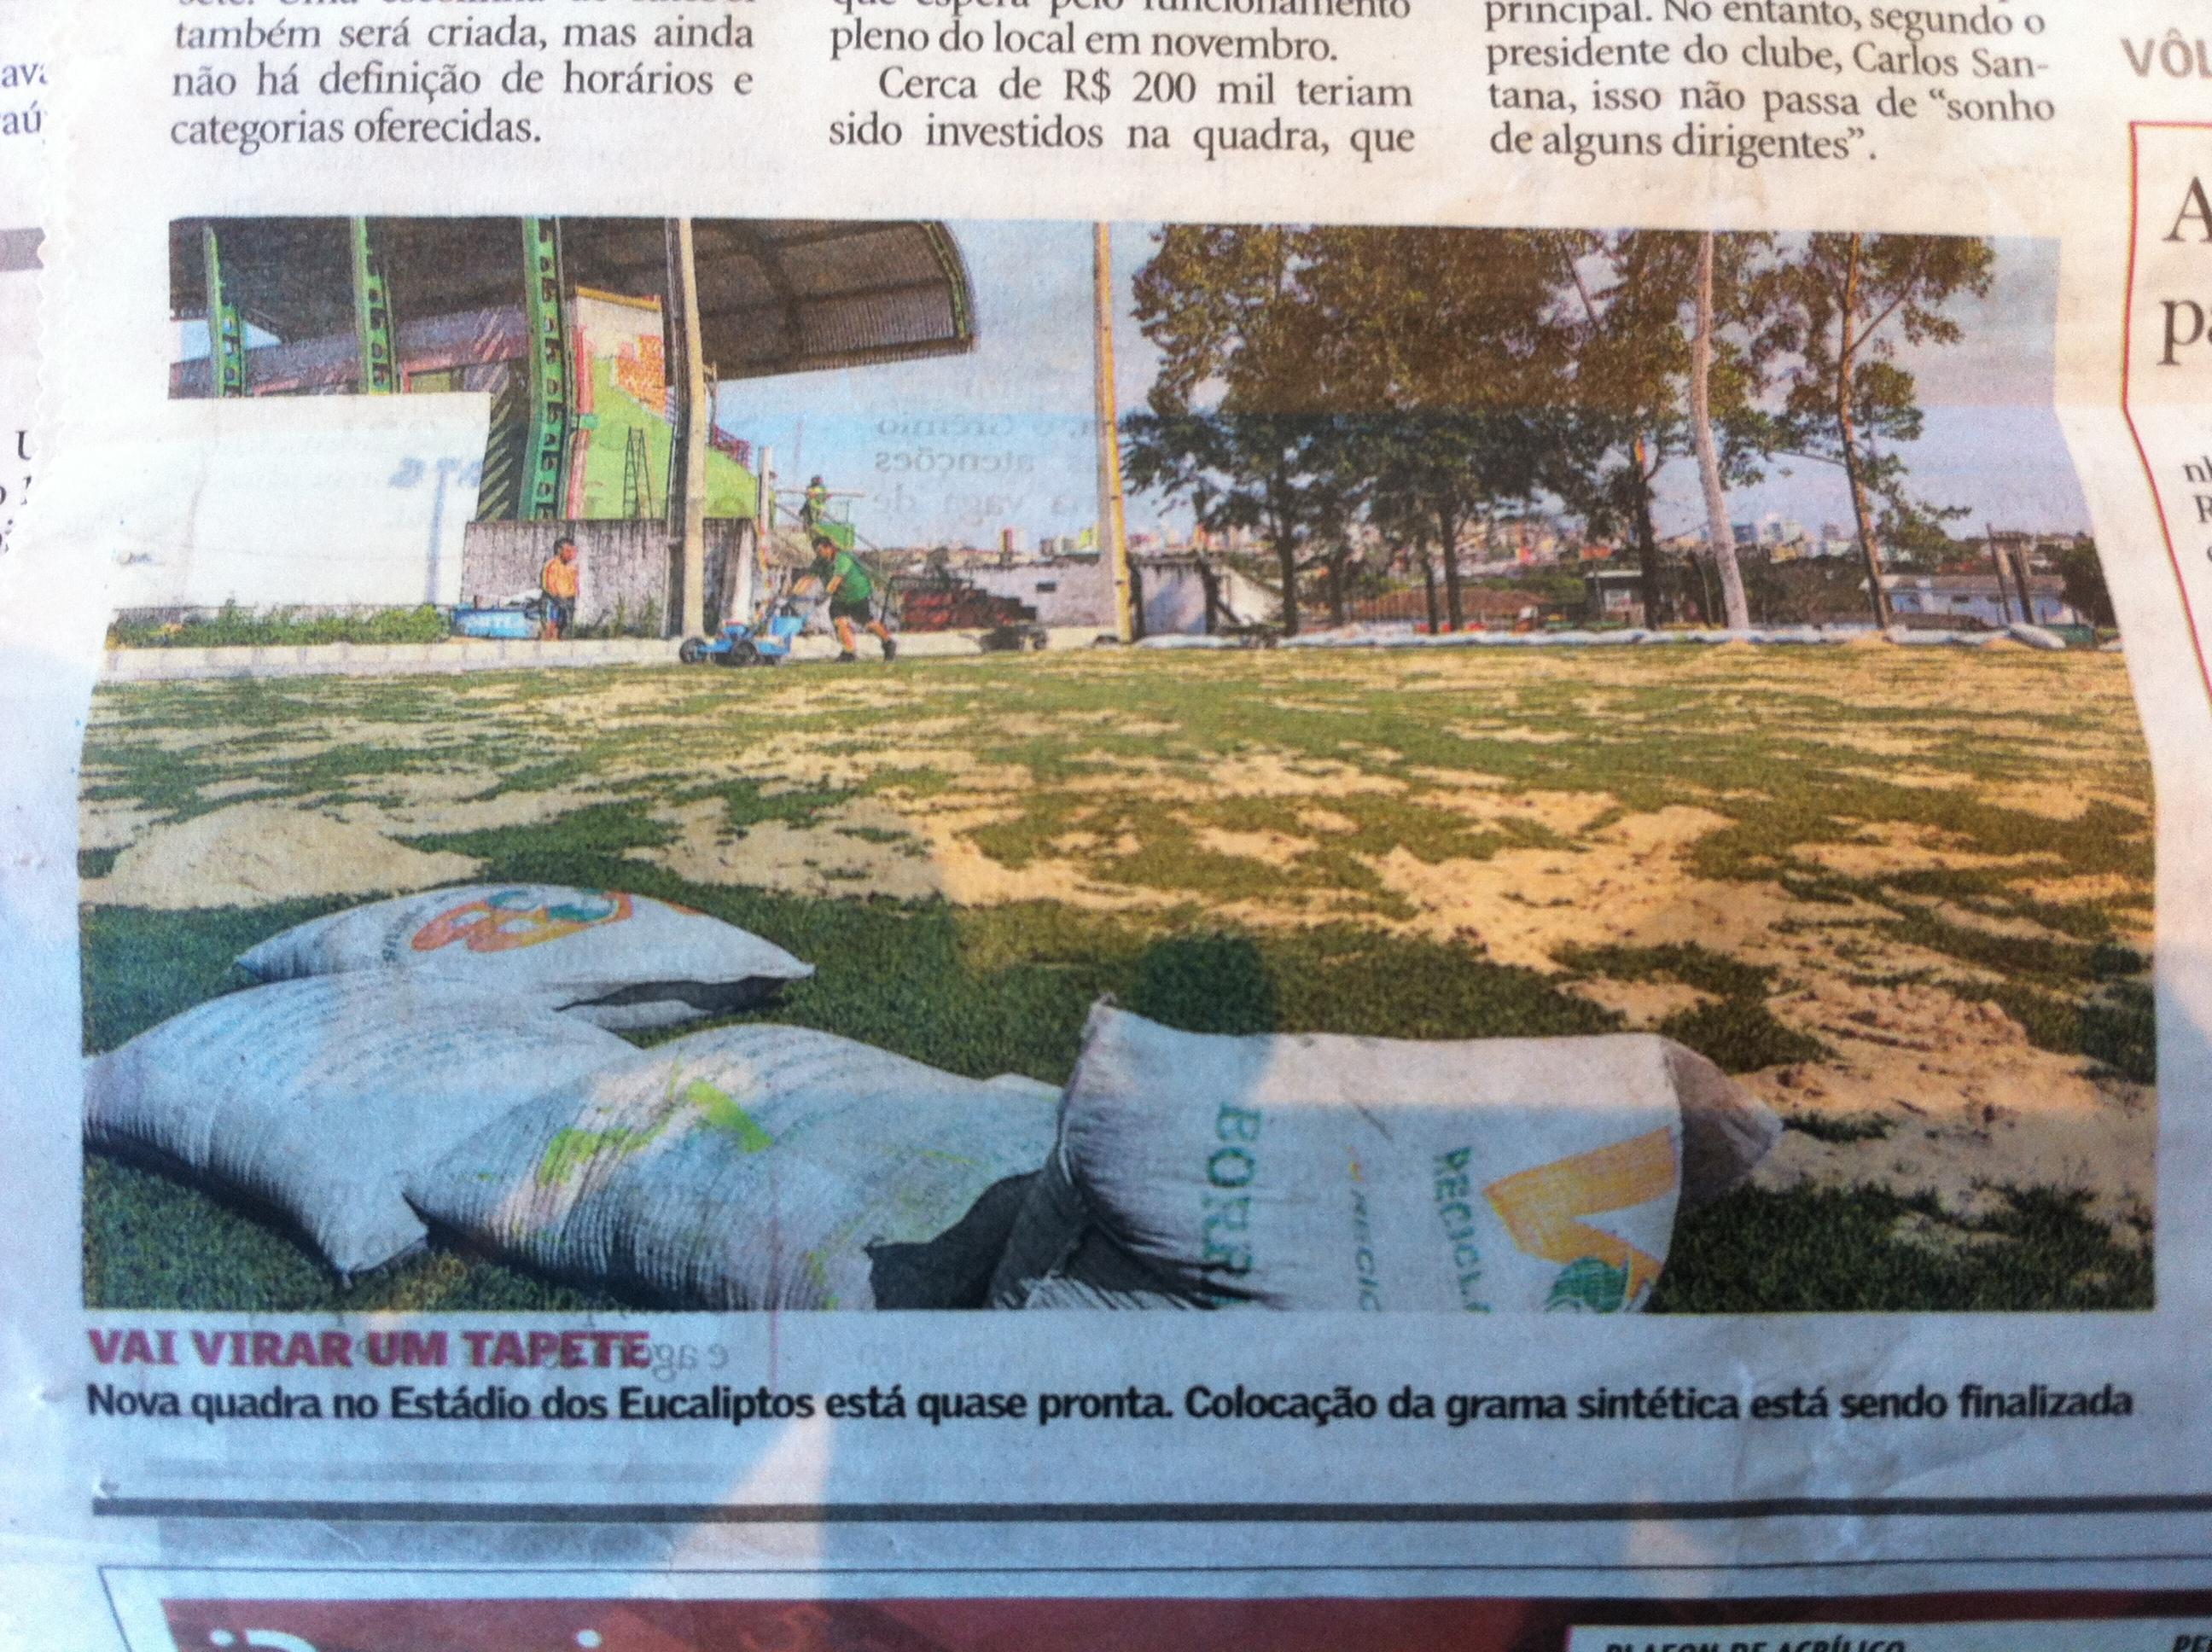 Quadra de grama sintética - Clube Riograndense - Santa Maria / Rio Grande do Sul